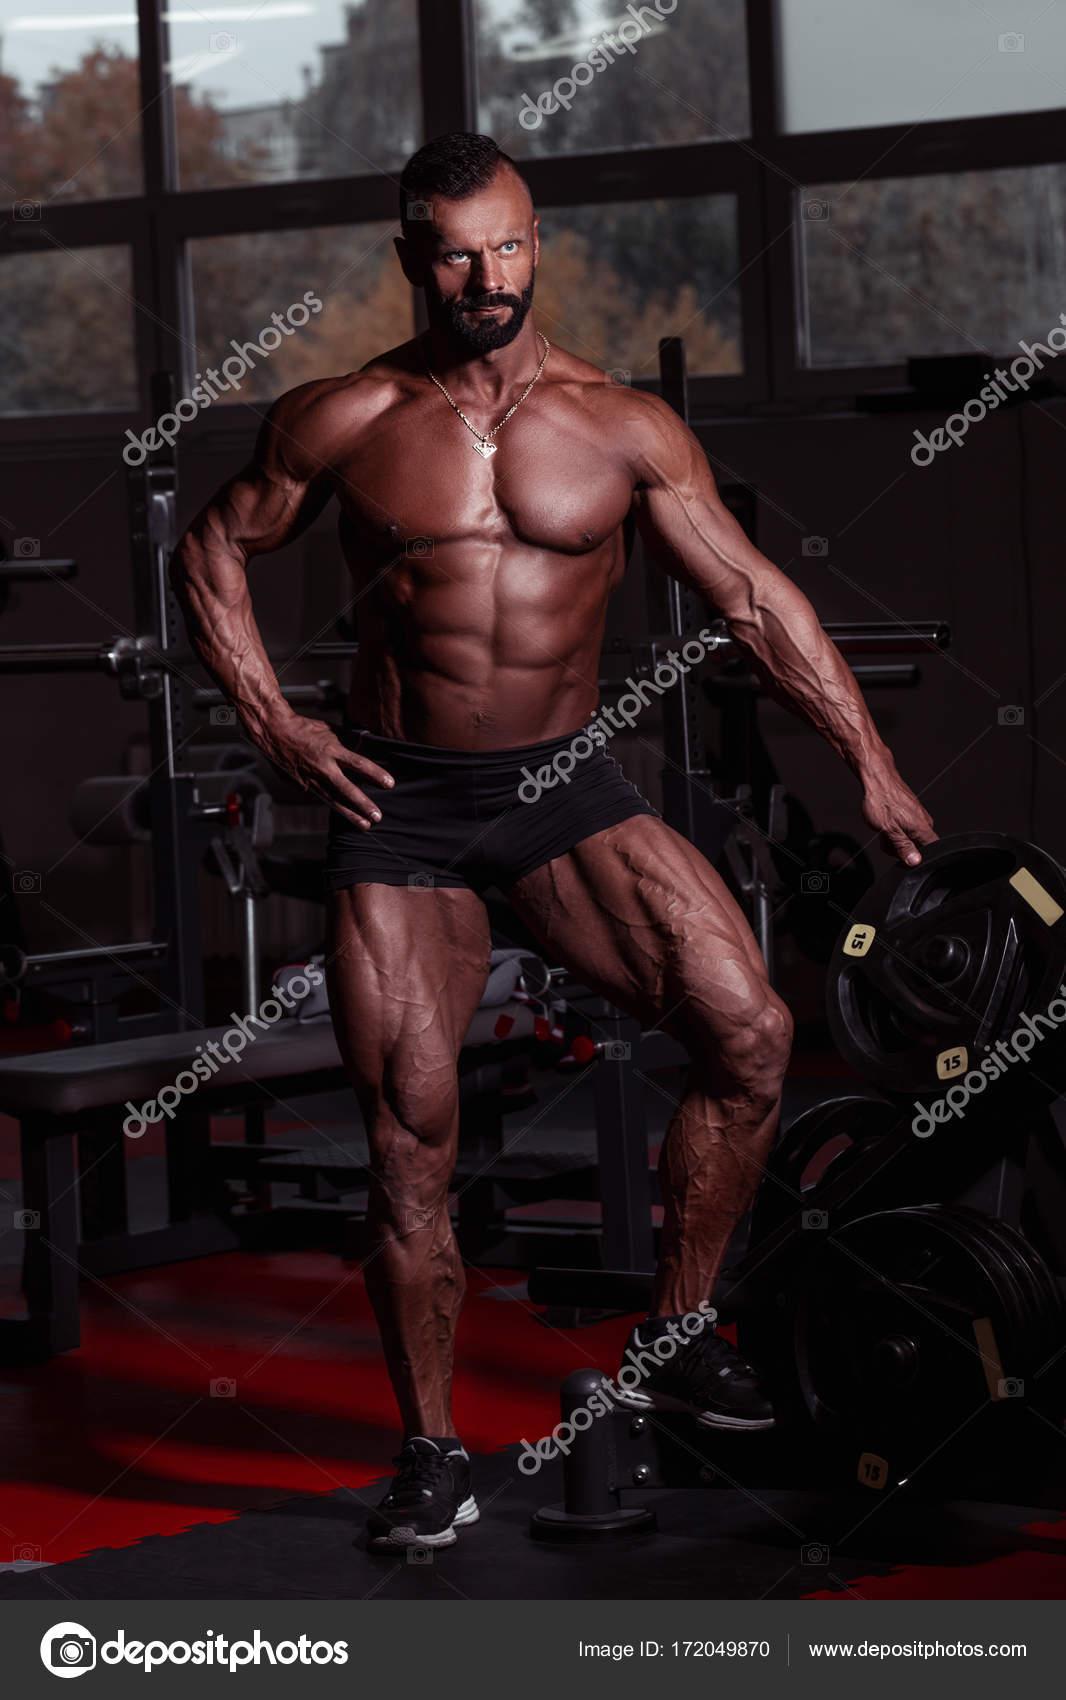 Ь фото мускулистых женщин с большой грудью, смотреть порно с синди канавы